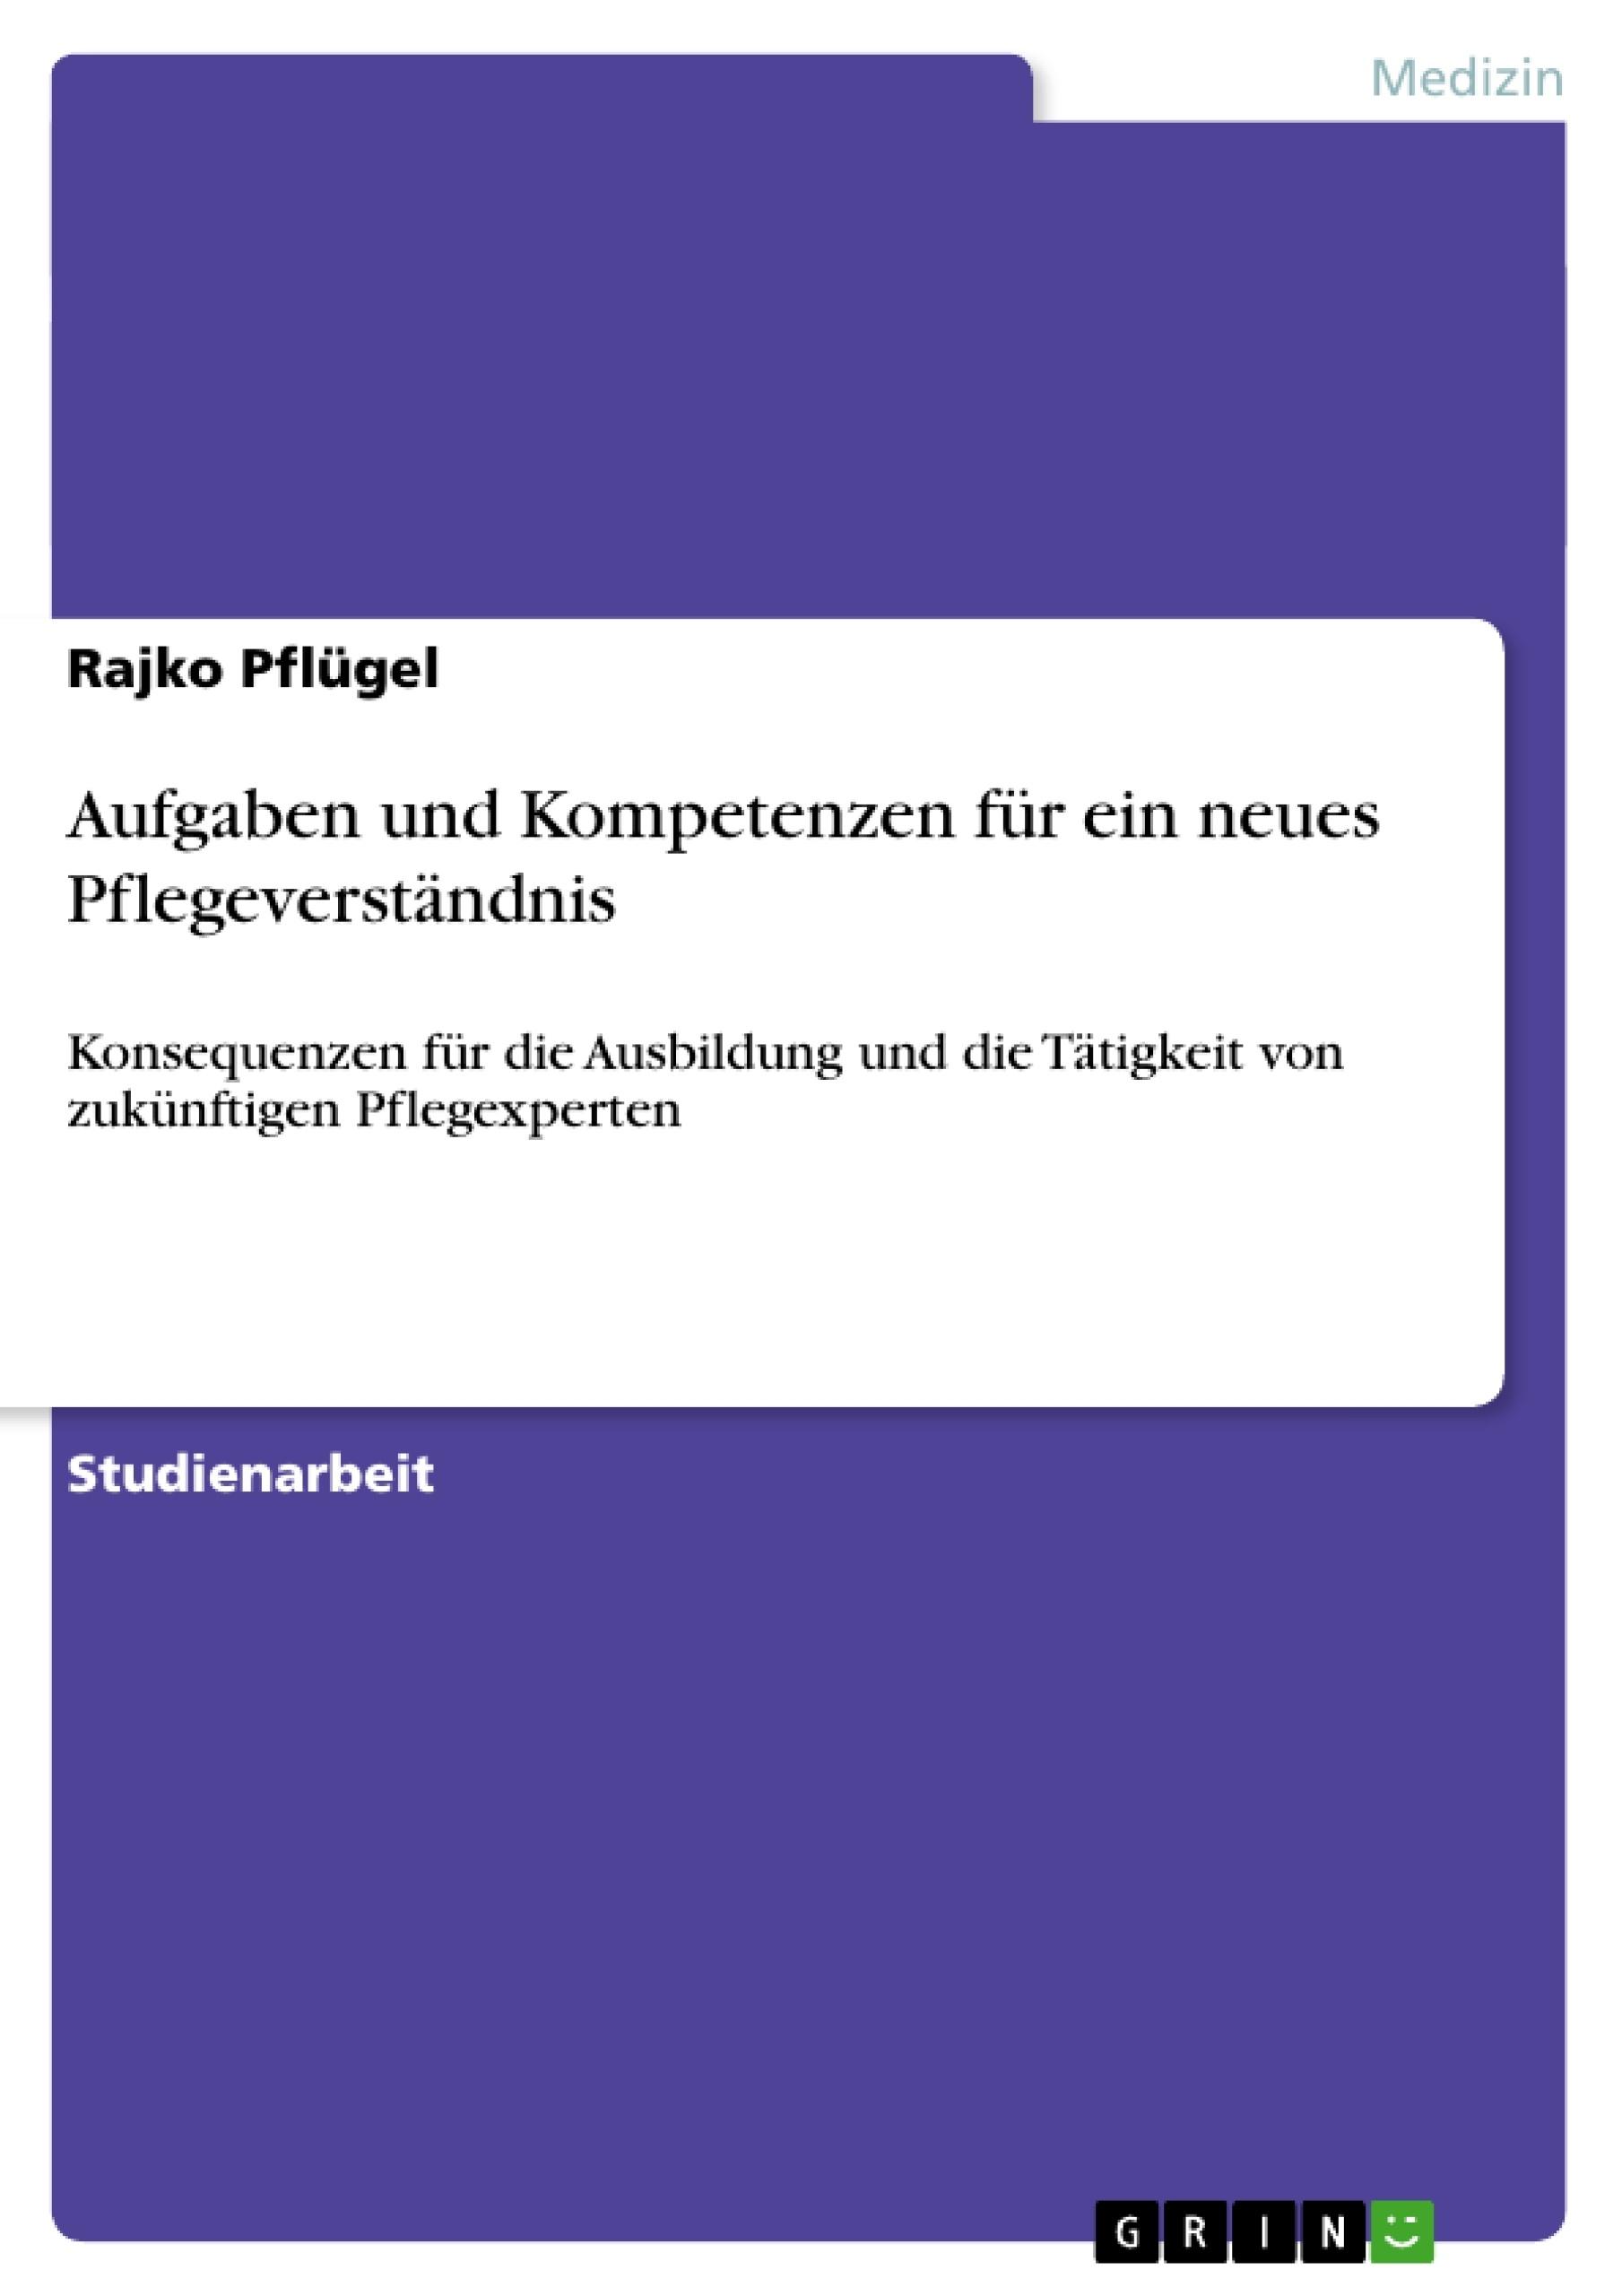 Titel: Aufgaben und Kompetenzen für ein neues Pflegeverständnis